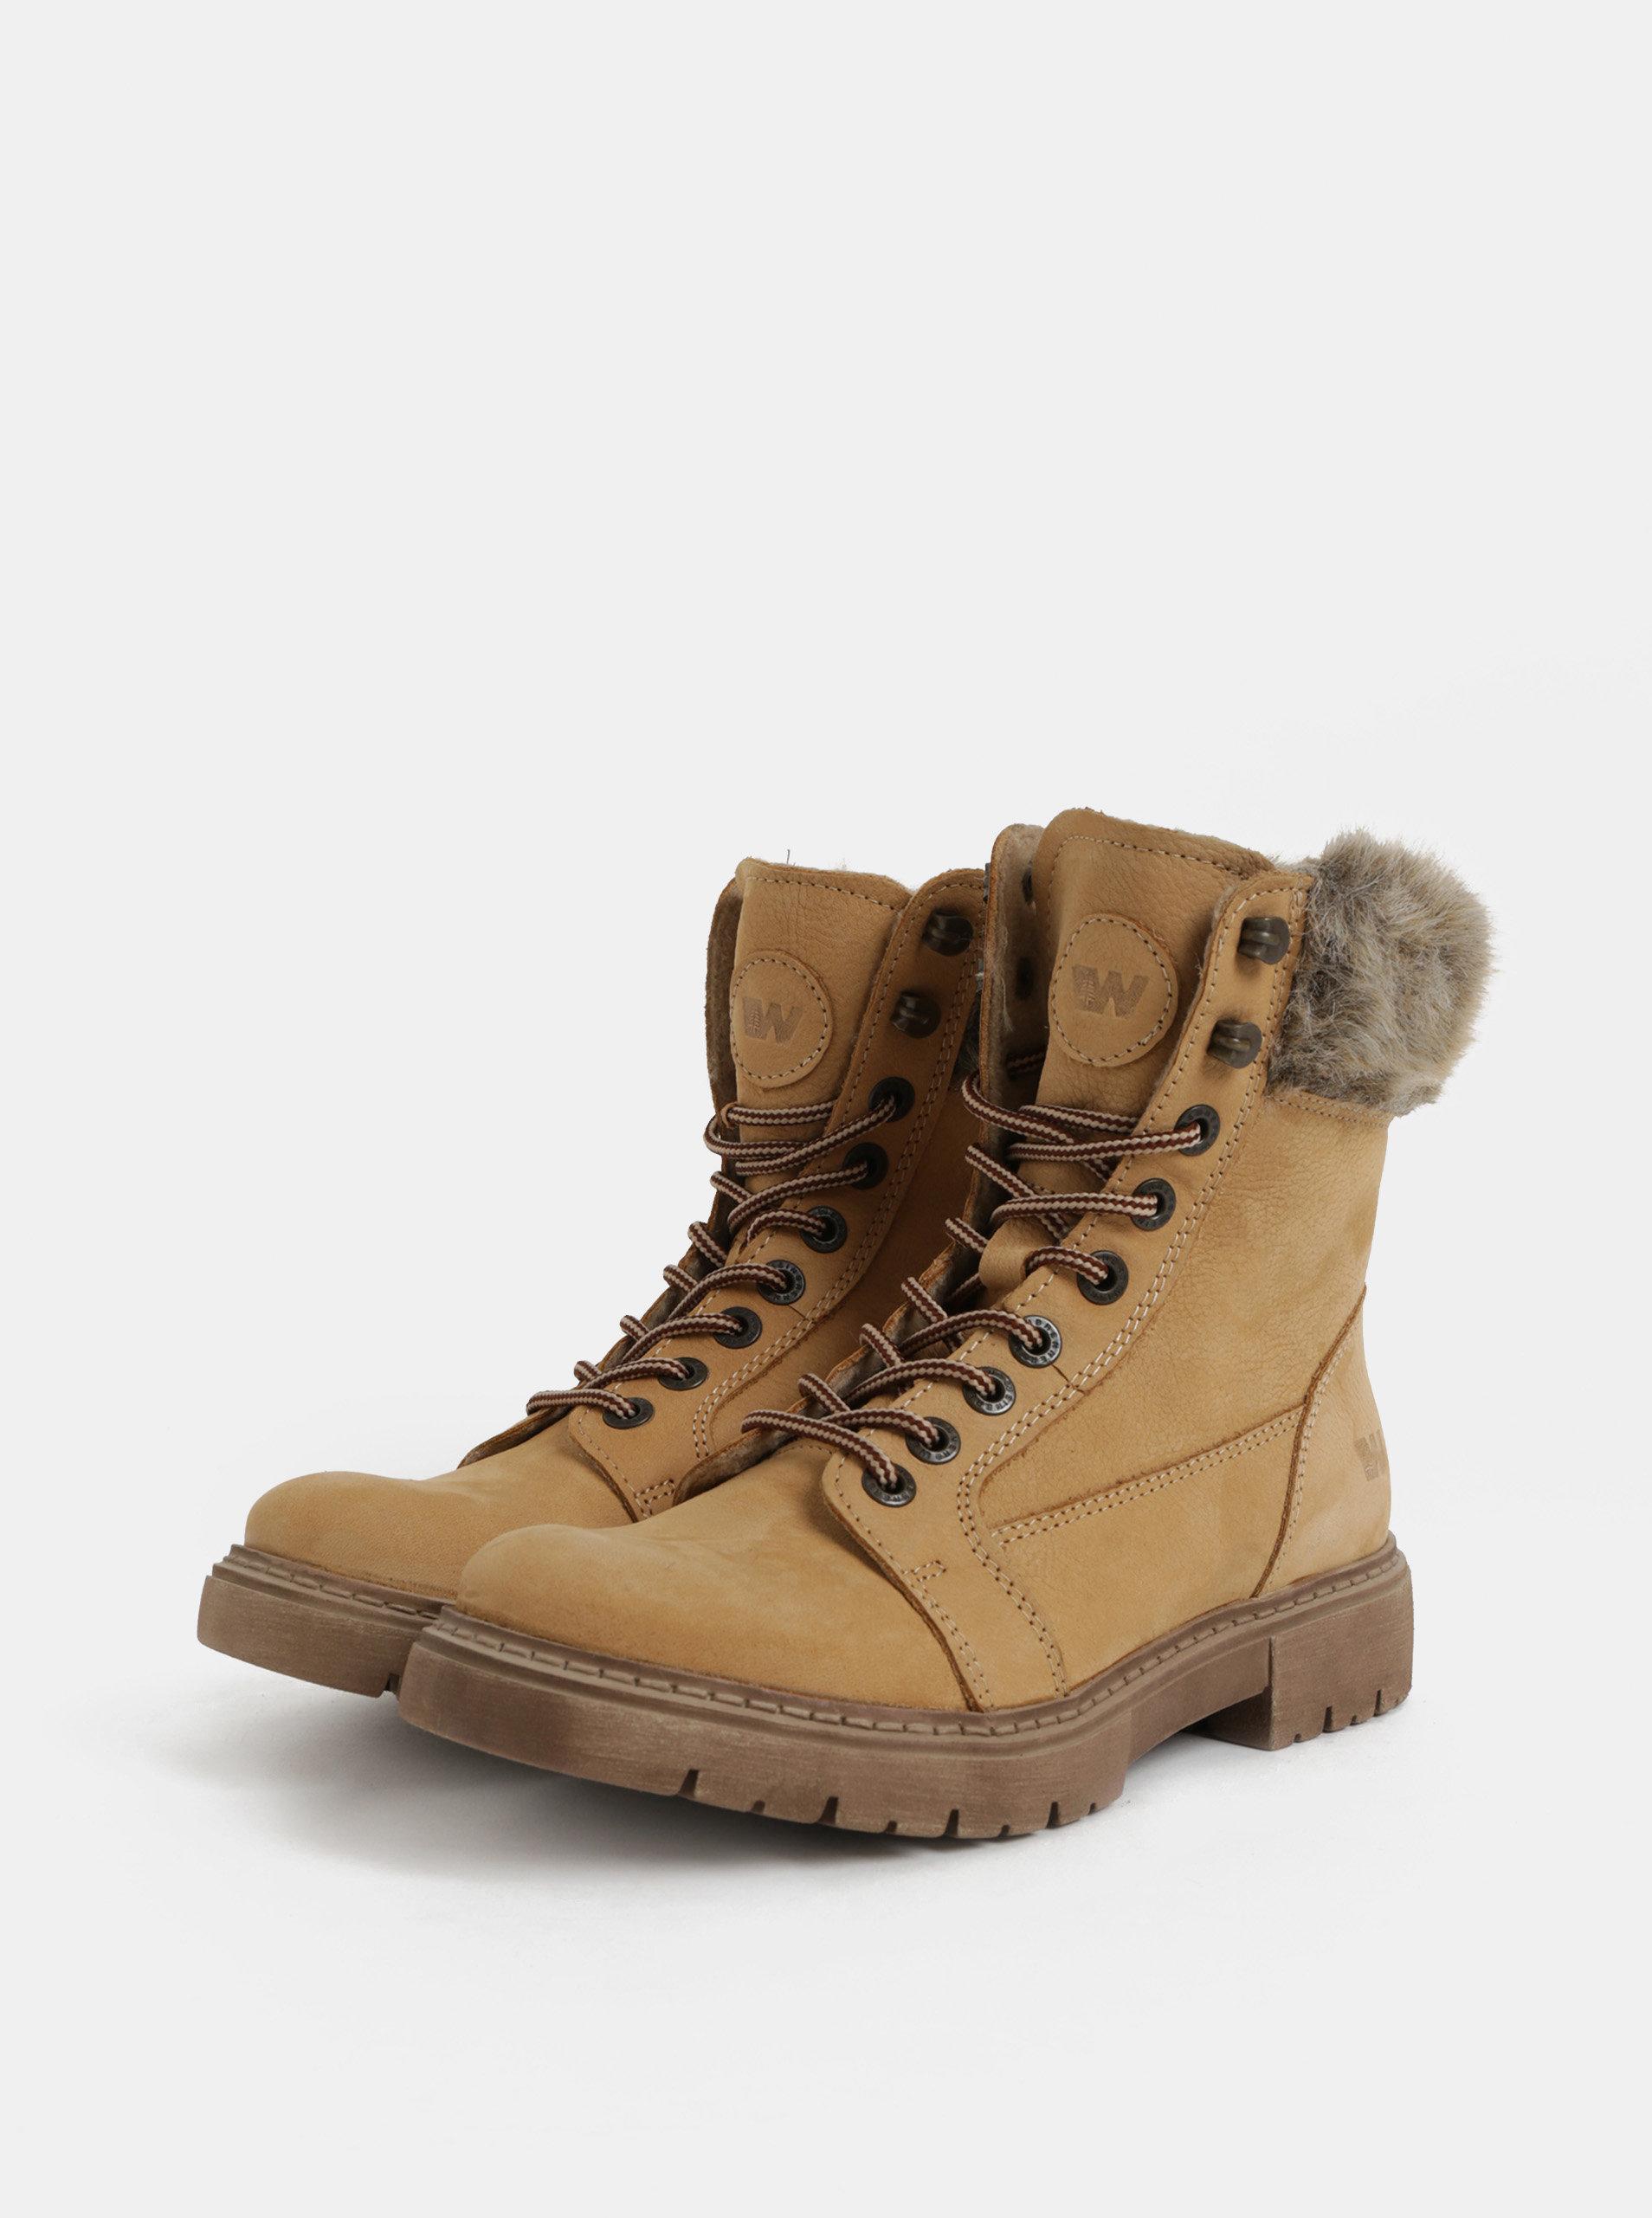 43a9f1f1d7e70 Svetlohnedé dámske zimné kožené členkové topánky Weinbrenner | ZOOT.sk